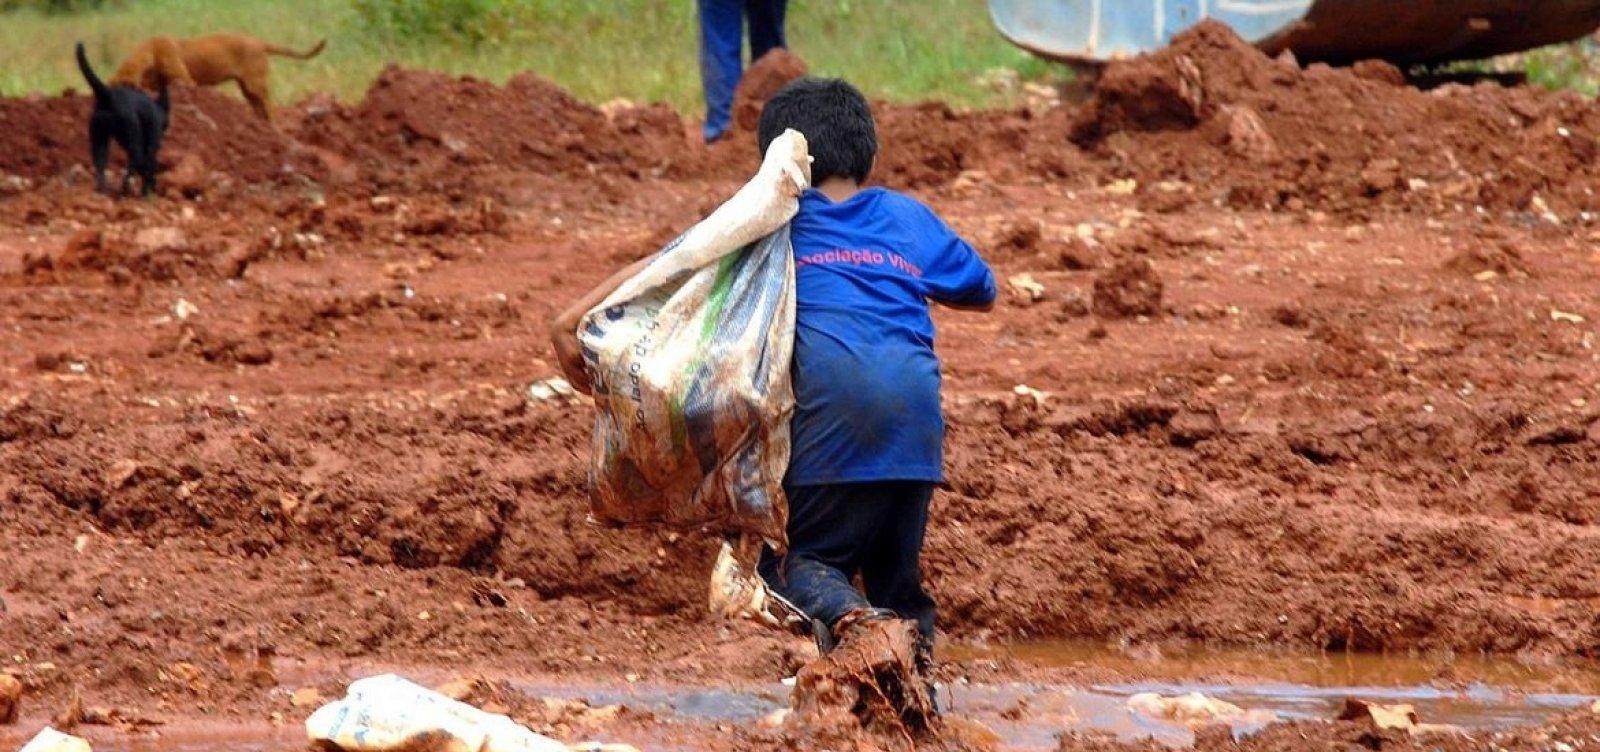 Trabalho infantil no mundo aumenta pela primeira vez em duas décadas